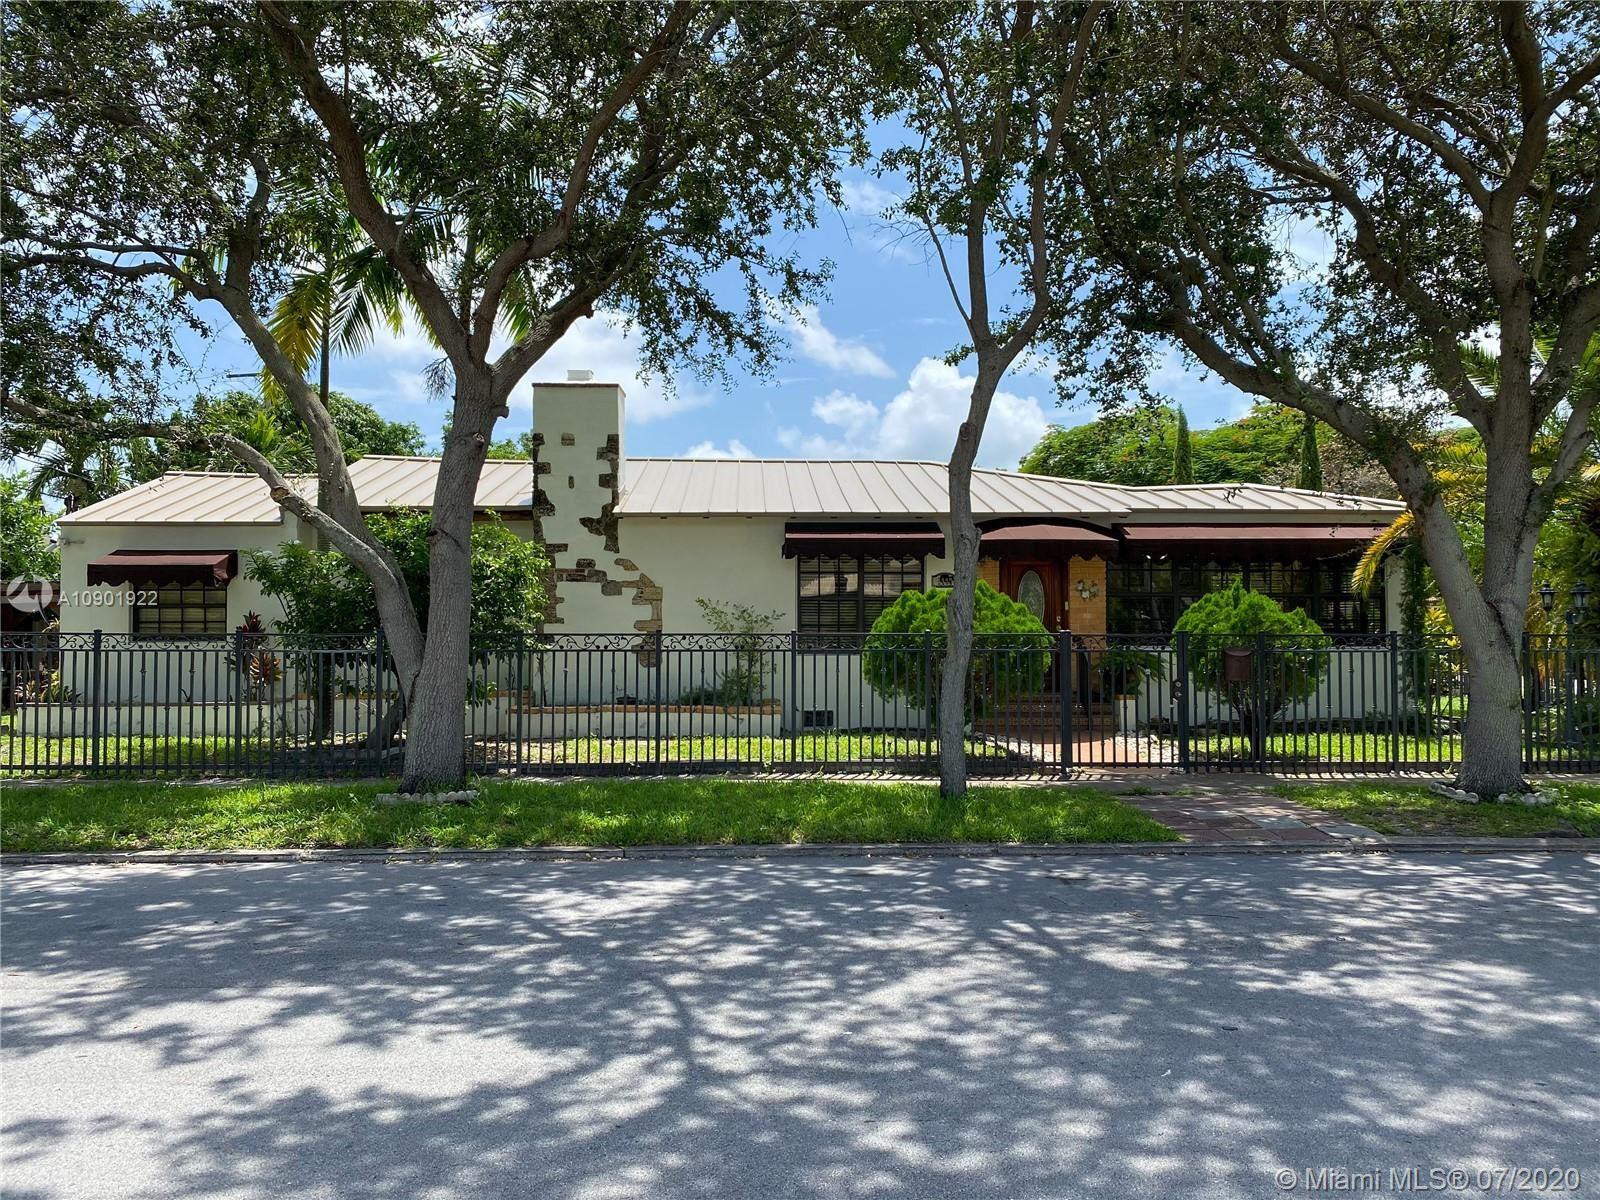 1449 SW 18th Ave, Miami, FL 33145 - #: A10901922